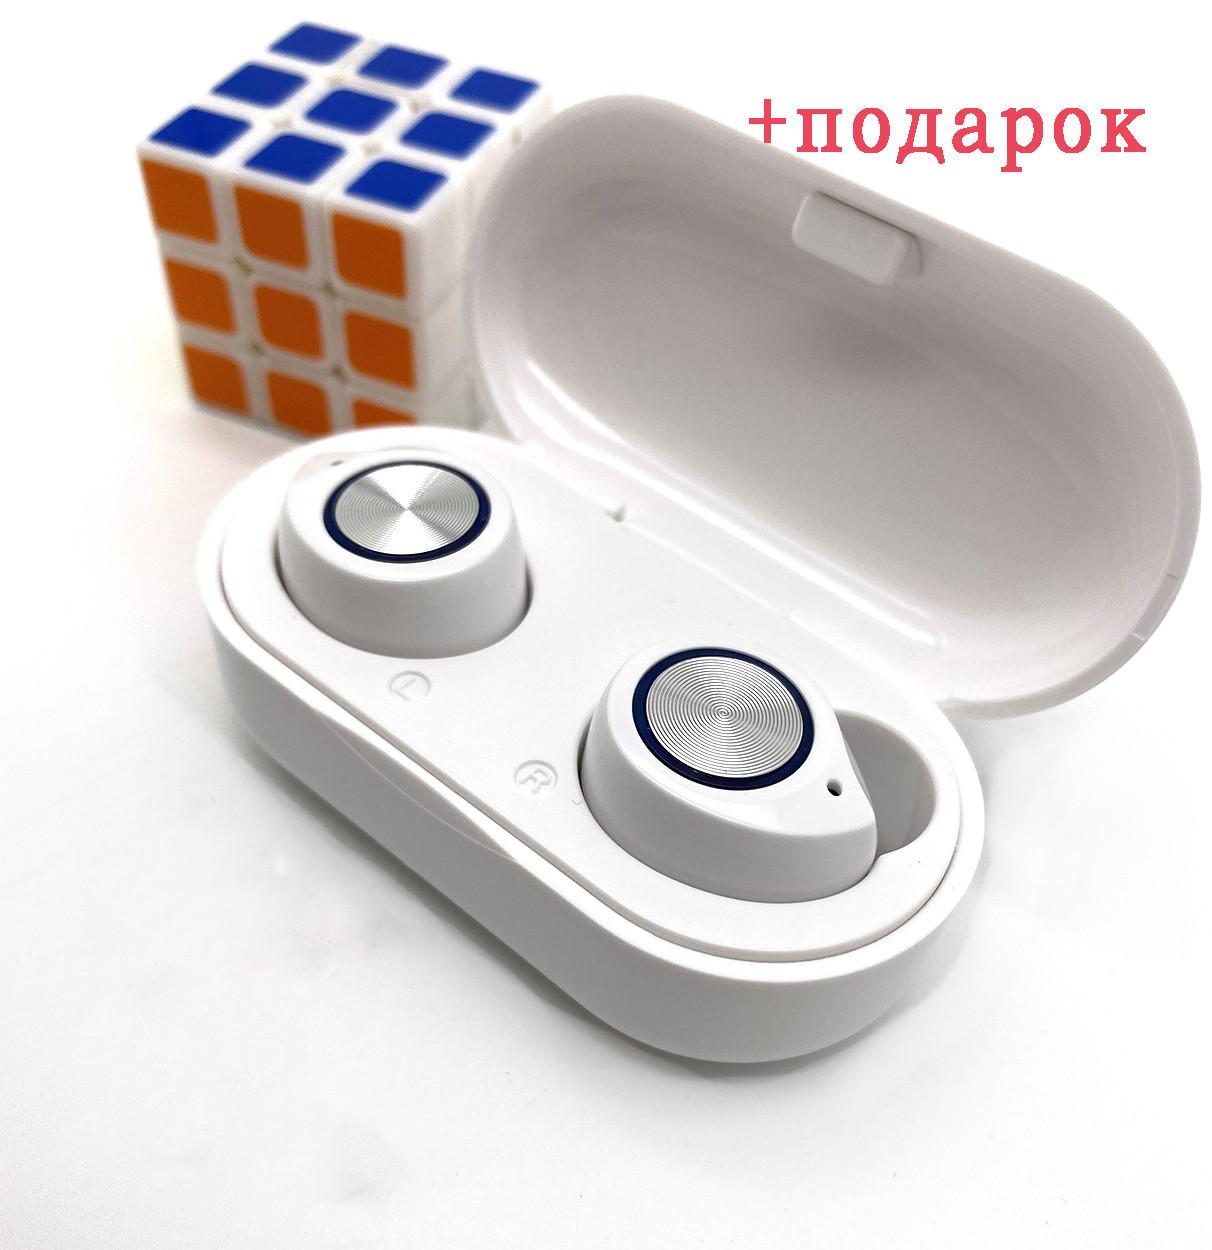 Бездротові навушники блютуз гарнітура Bluetooth навушники 5.0 Wi-pods TW60. Білі